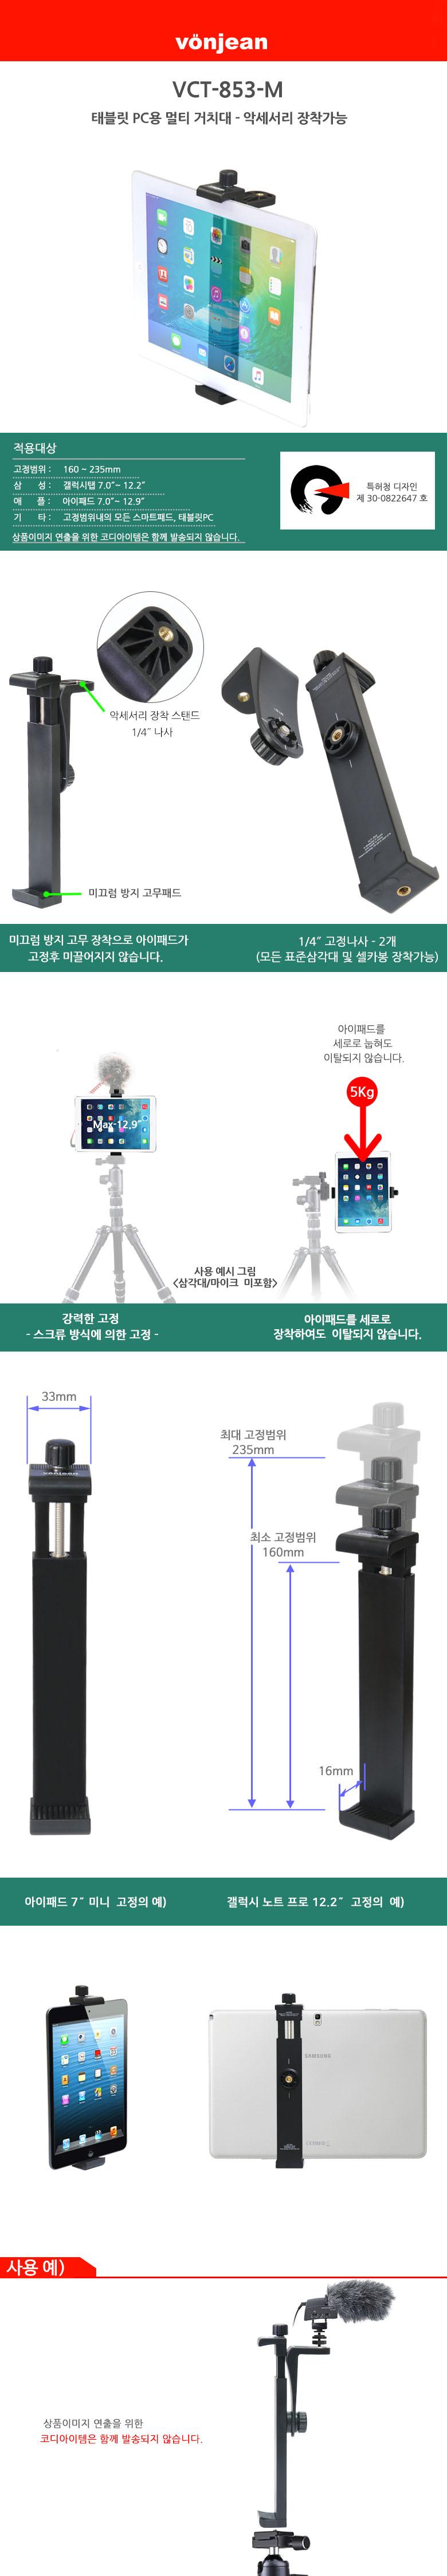 본젠 VCT-853M 멀티 태블릿 거치대 - 삼각대 셀카봉 용 (아이패드 갤럭시탭 등) - 본젠, 24,800원, 셀피렌즈/봉/셀피ACC, 셀카악세서리